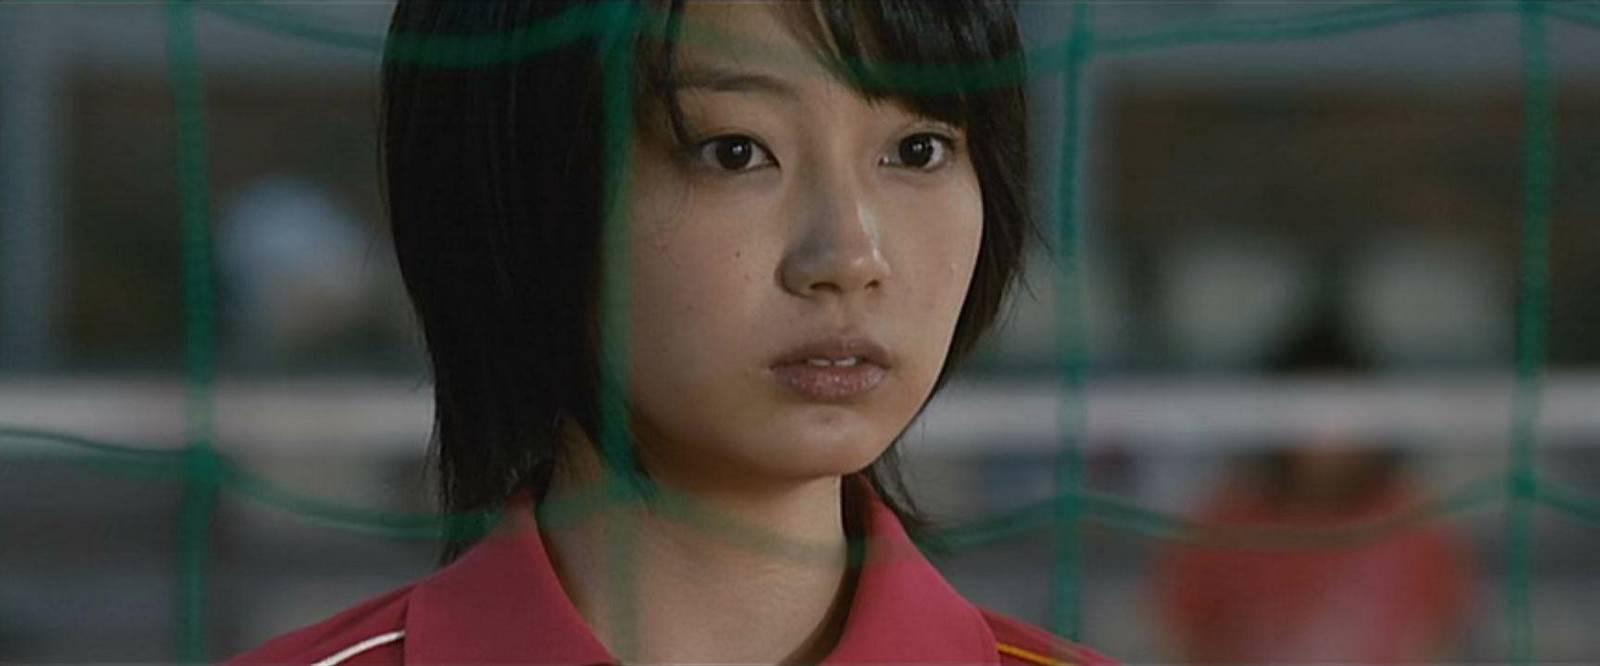 《聽說桐島退社了》電影角色與演員介紹 - 闕小豪